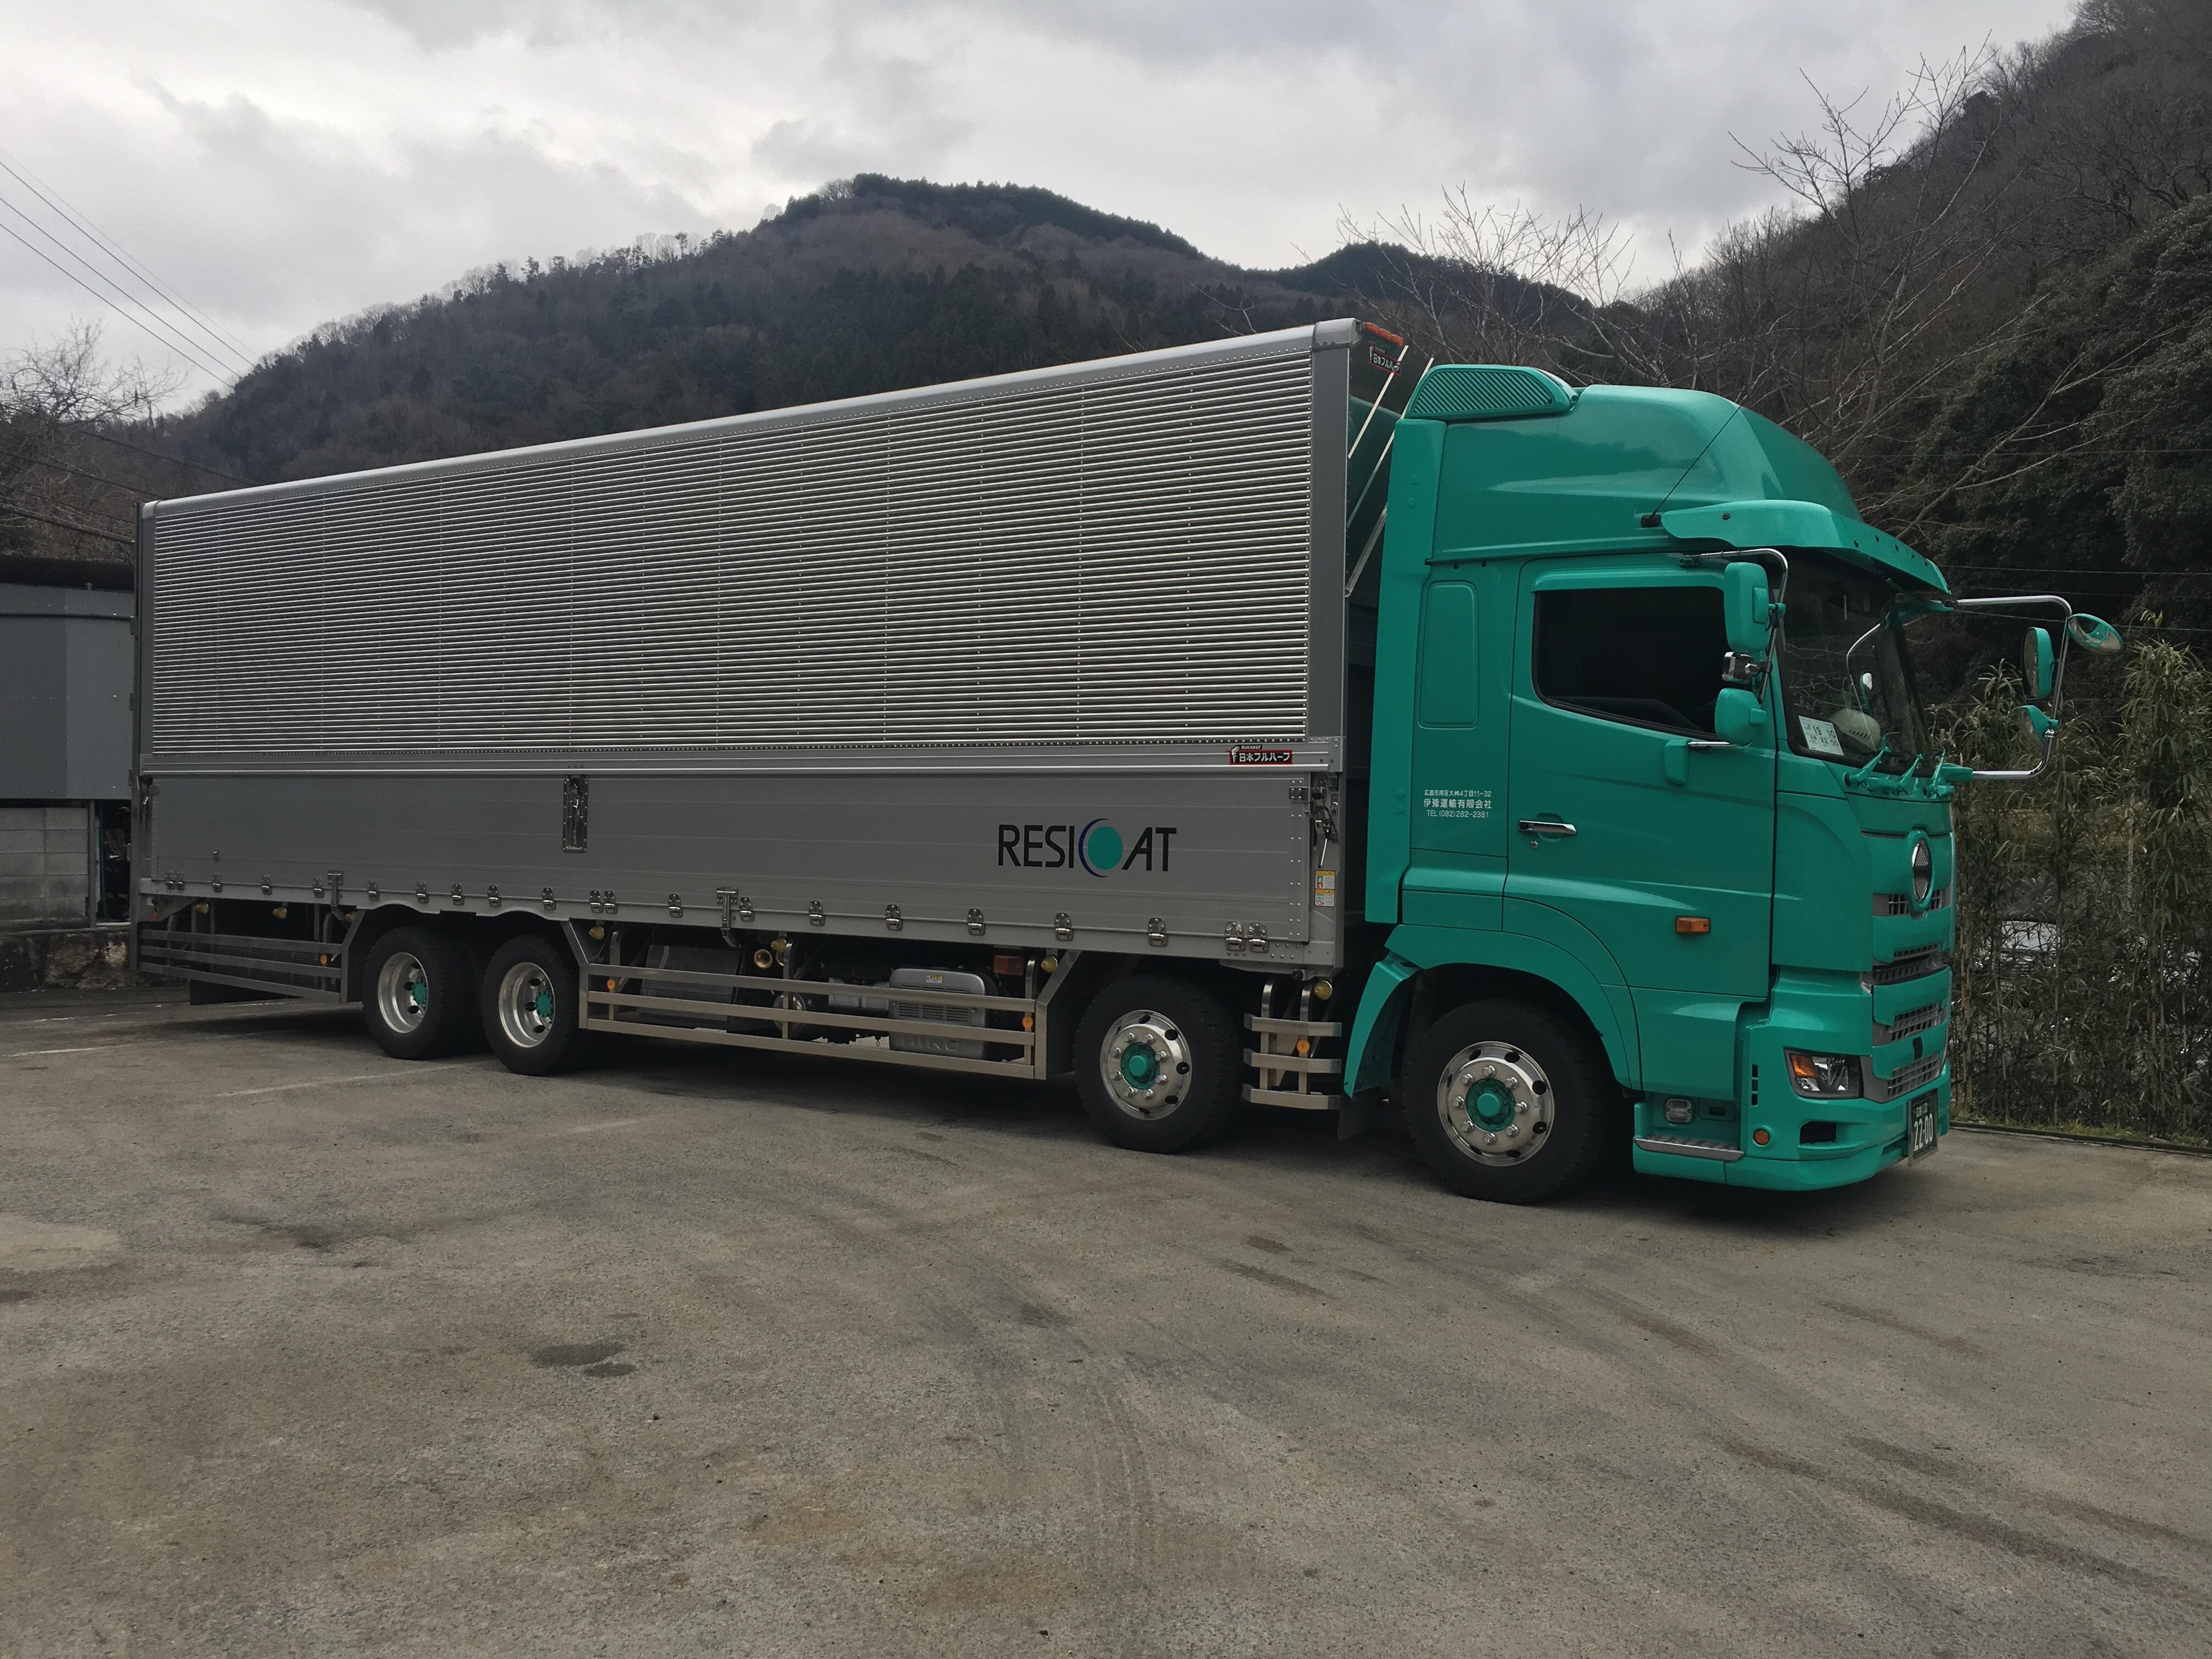 西日本レジコート トラック横